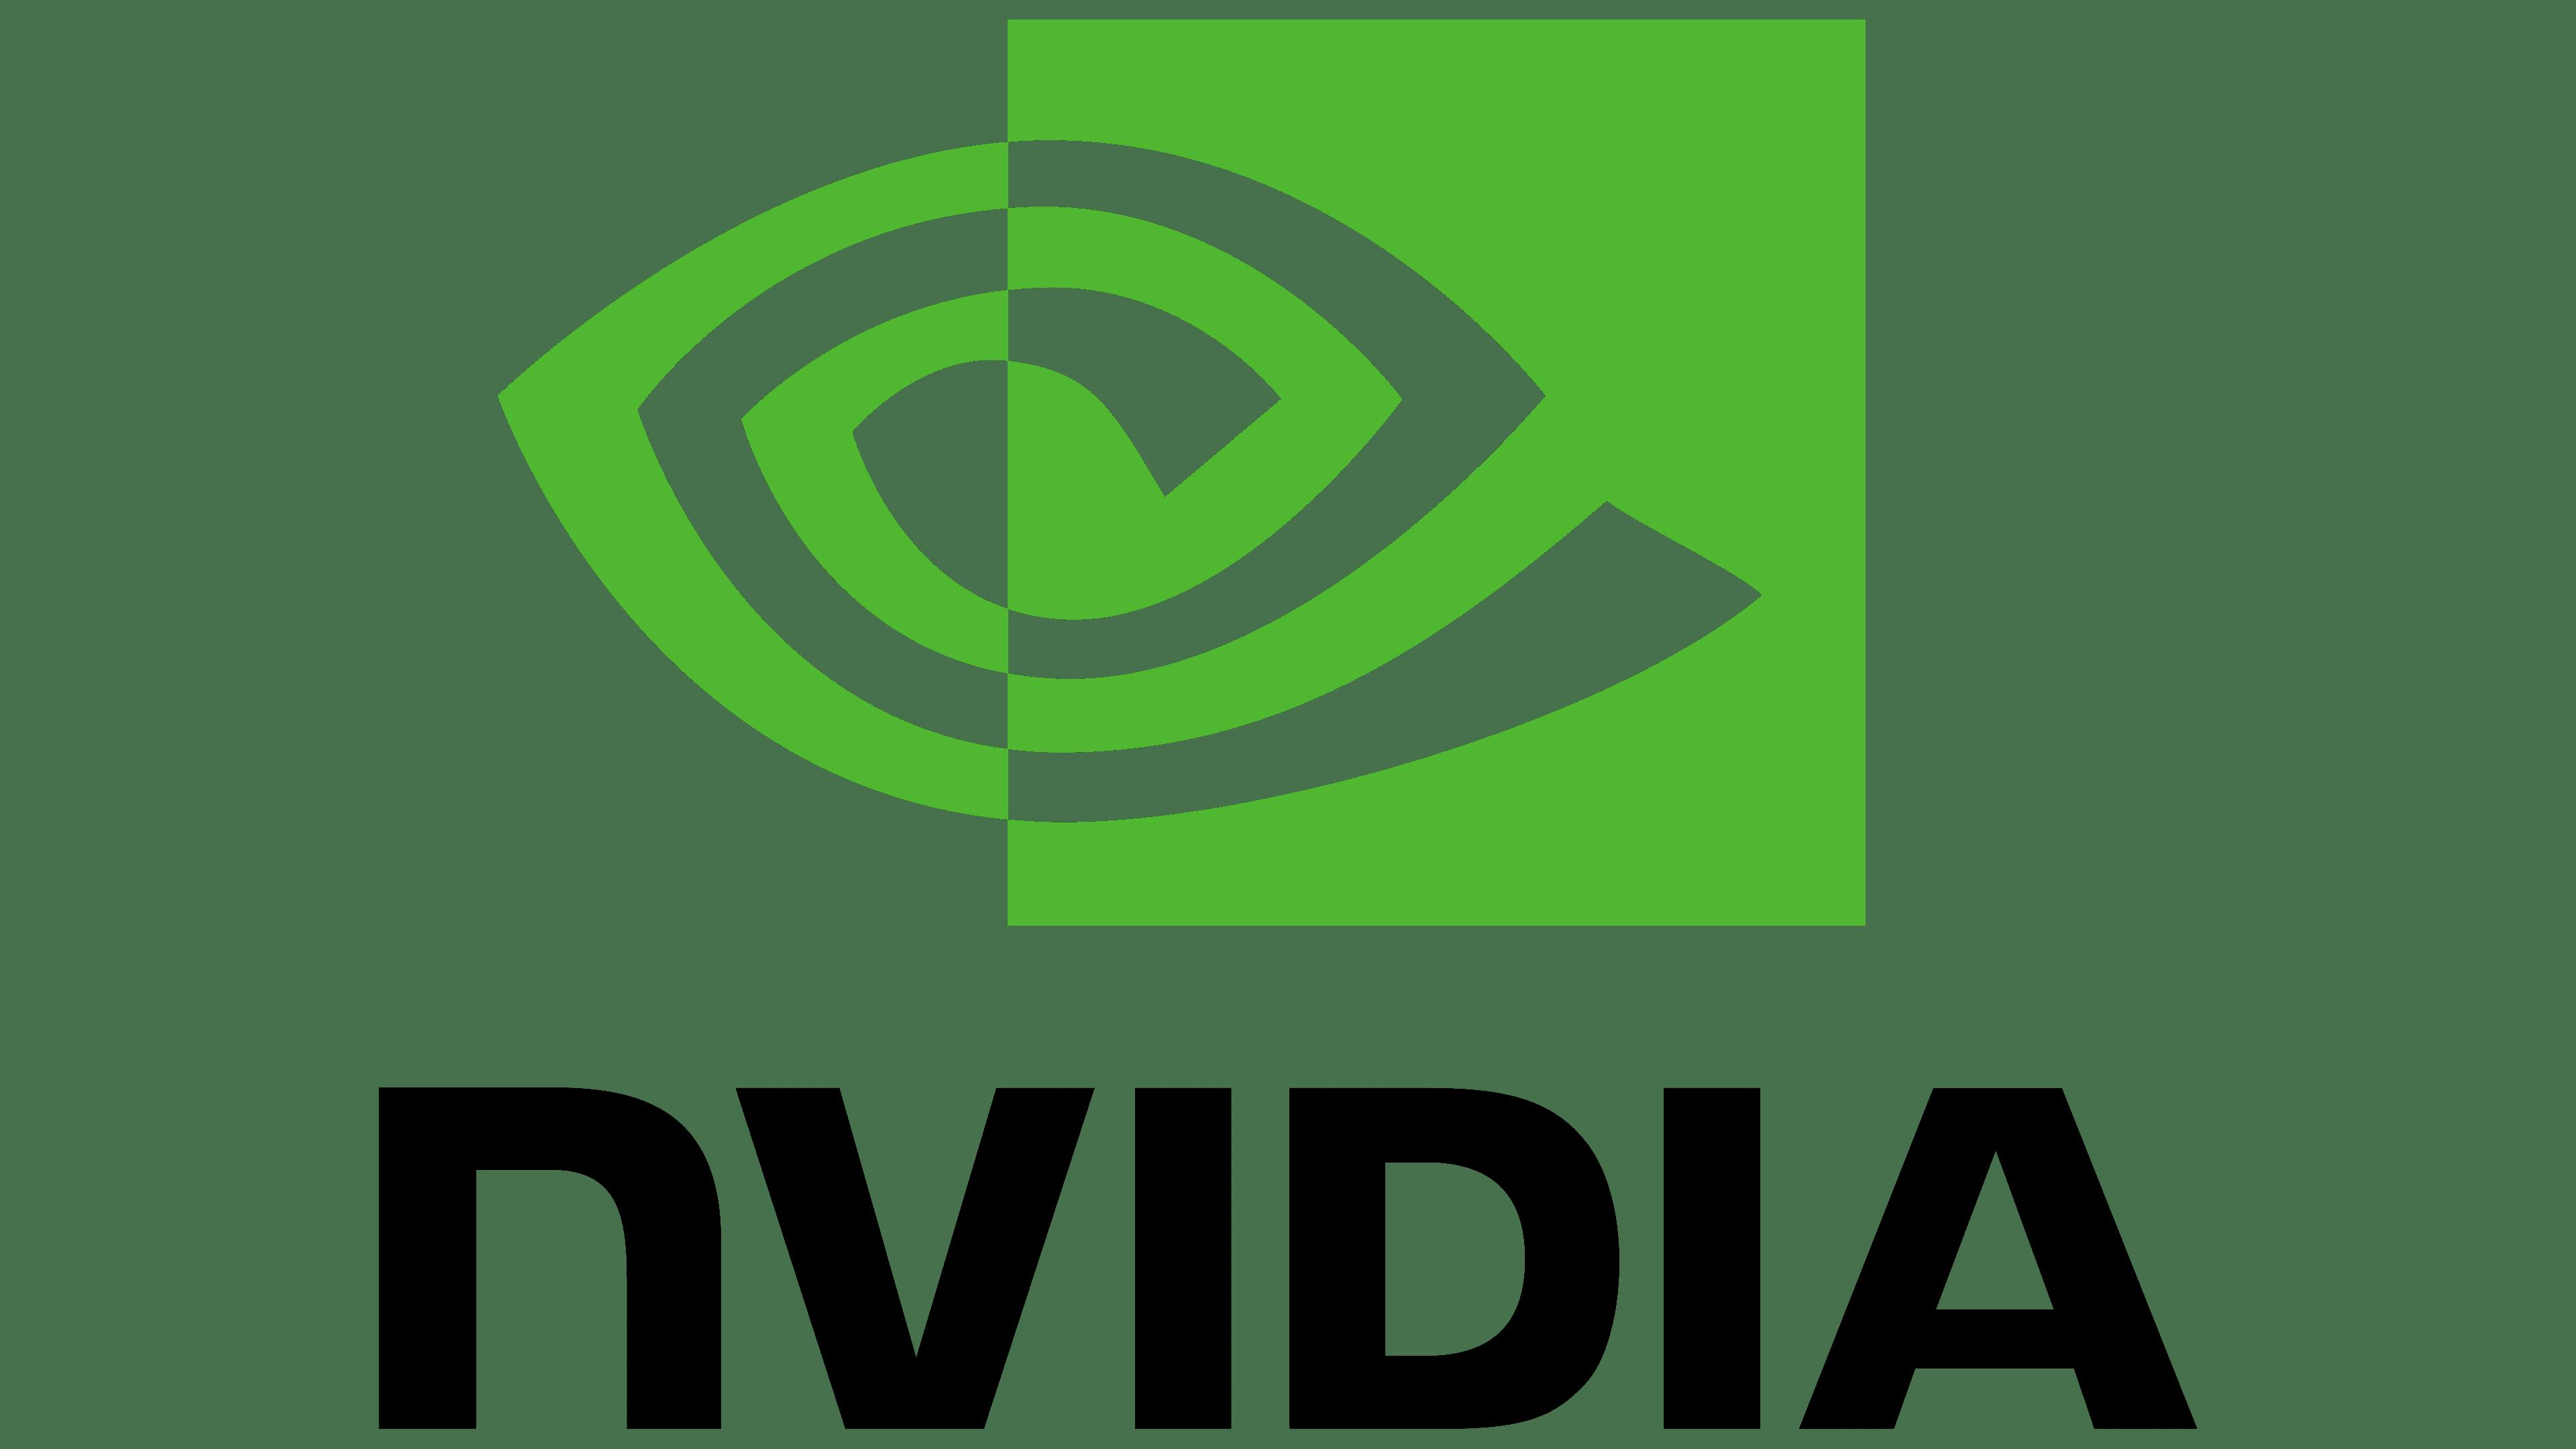 NVIDIA logo Logo